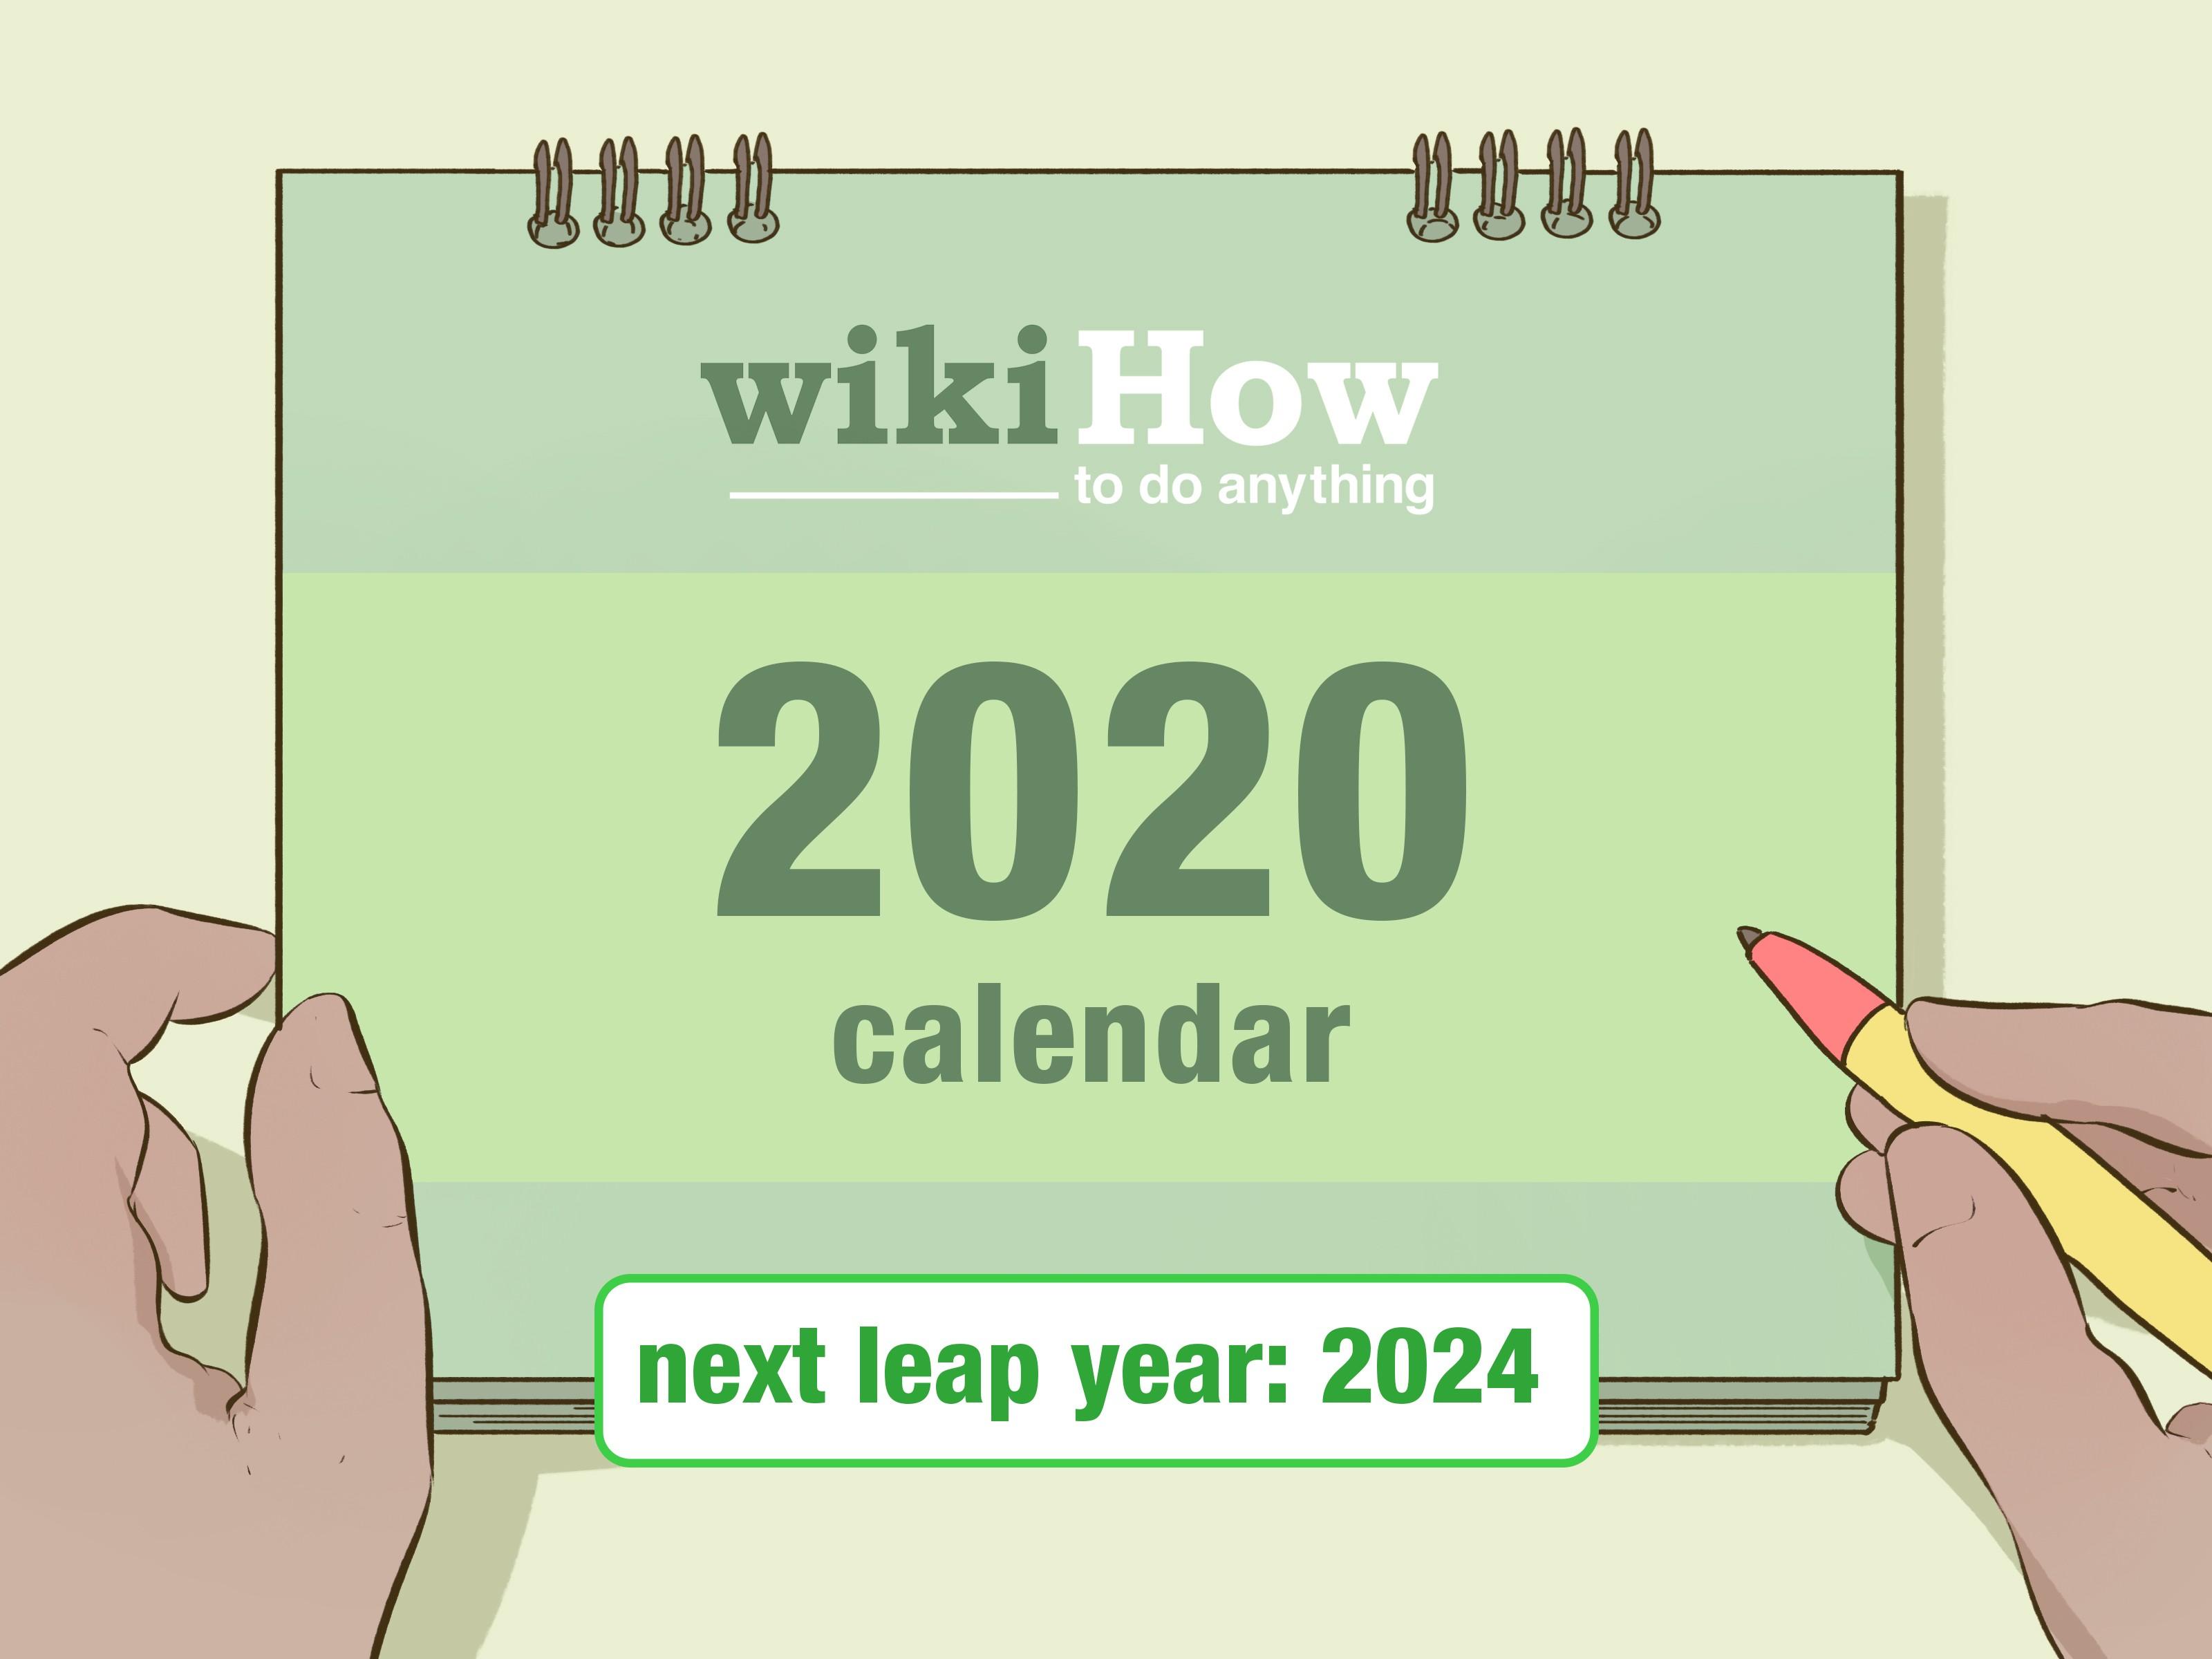 Calendario 2020 Mes De Febrero Más Recientes C³mo Calcular Los A±os Bisiestos 7 Pasos Con Fotos Of Calendario 2020 Mes De Febrero Más Arriba-a-fecha Descargar Cuadrante Mensual De Horas Trabajadas 2019